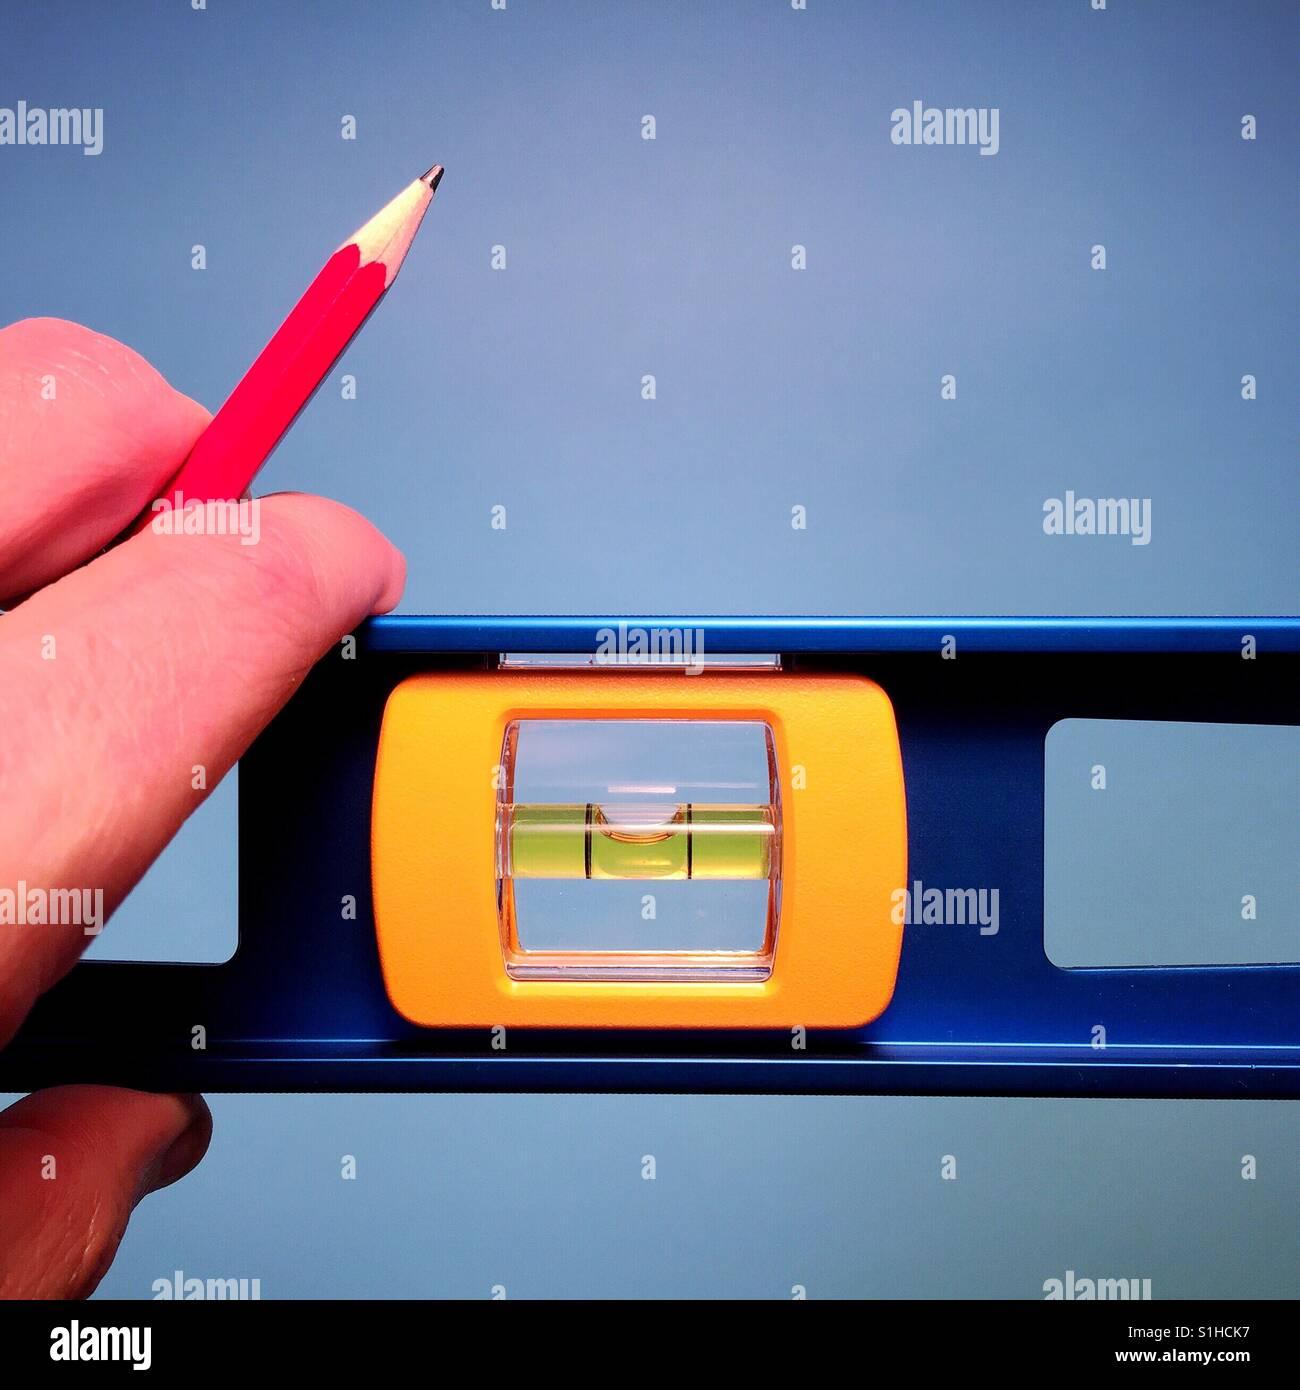 Un primer plano de un hombre sujetando el nivel de un carpintero y un lápiz rojo contra un fondo azul. Imagen De Stock